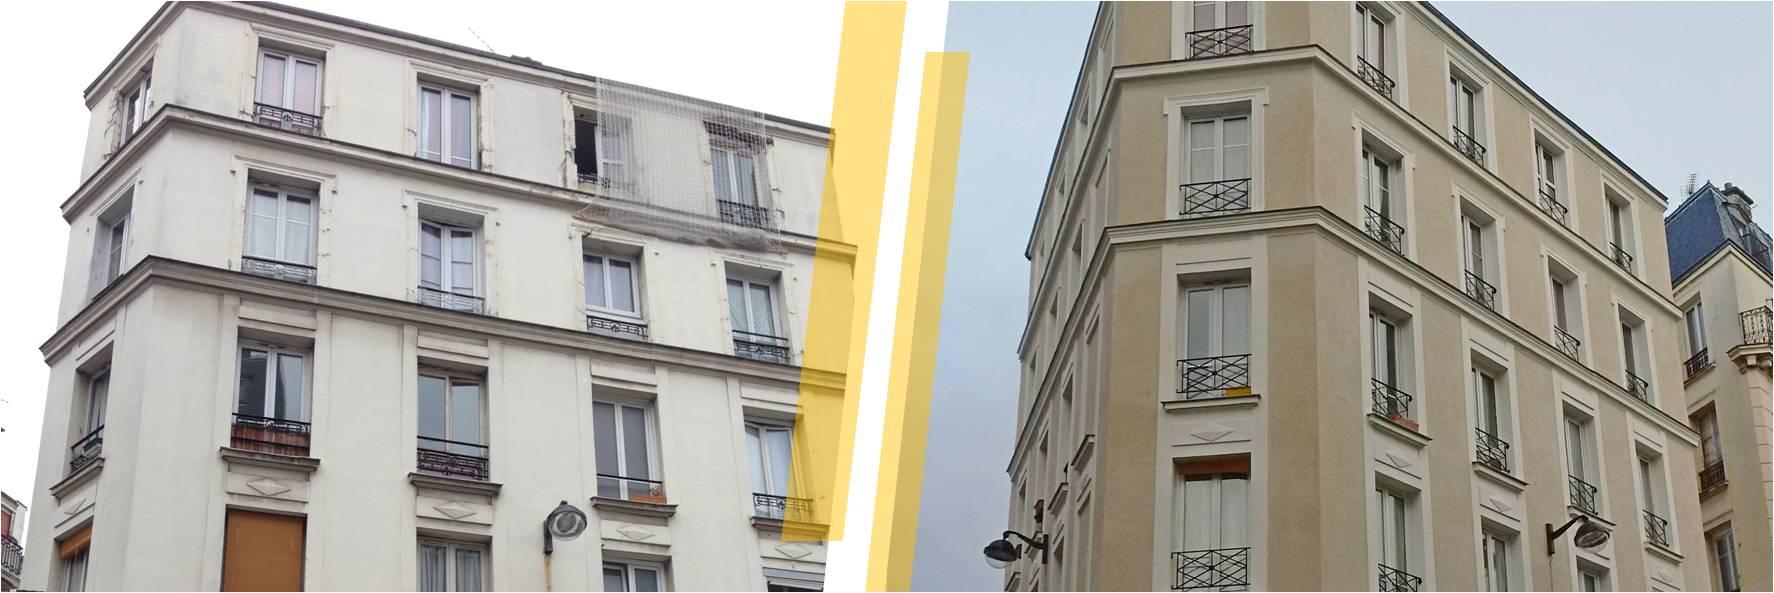 Ravalement d'un immeuble, façade en pierre de taille